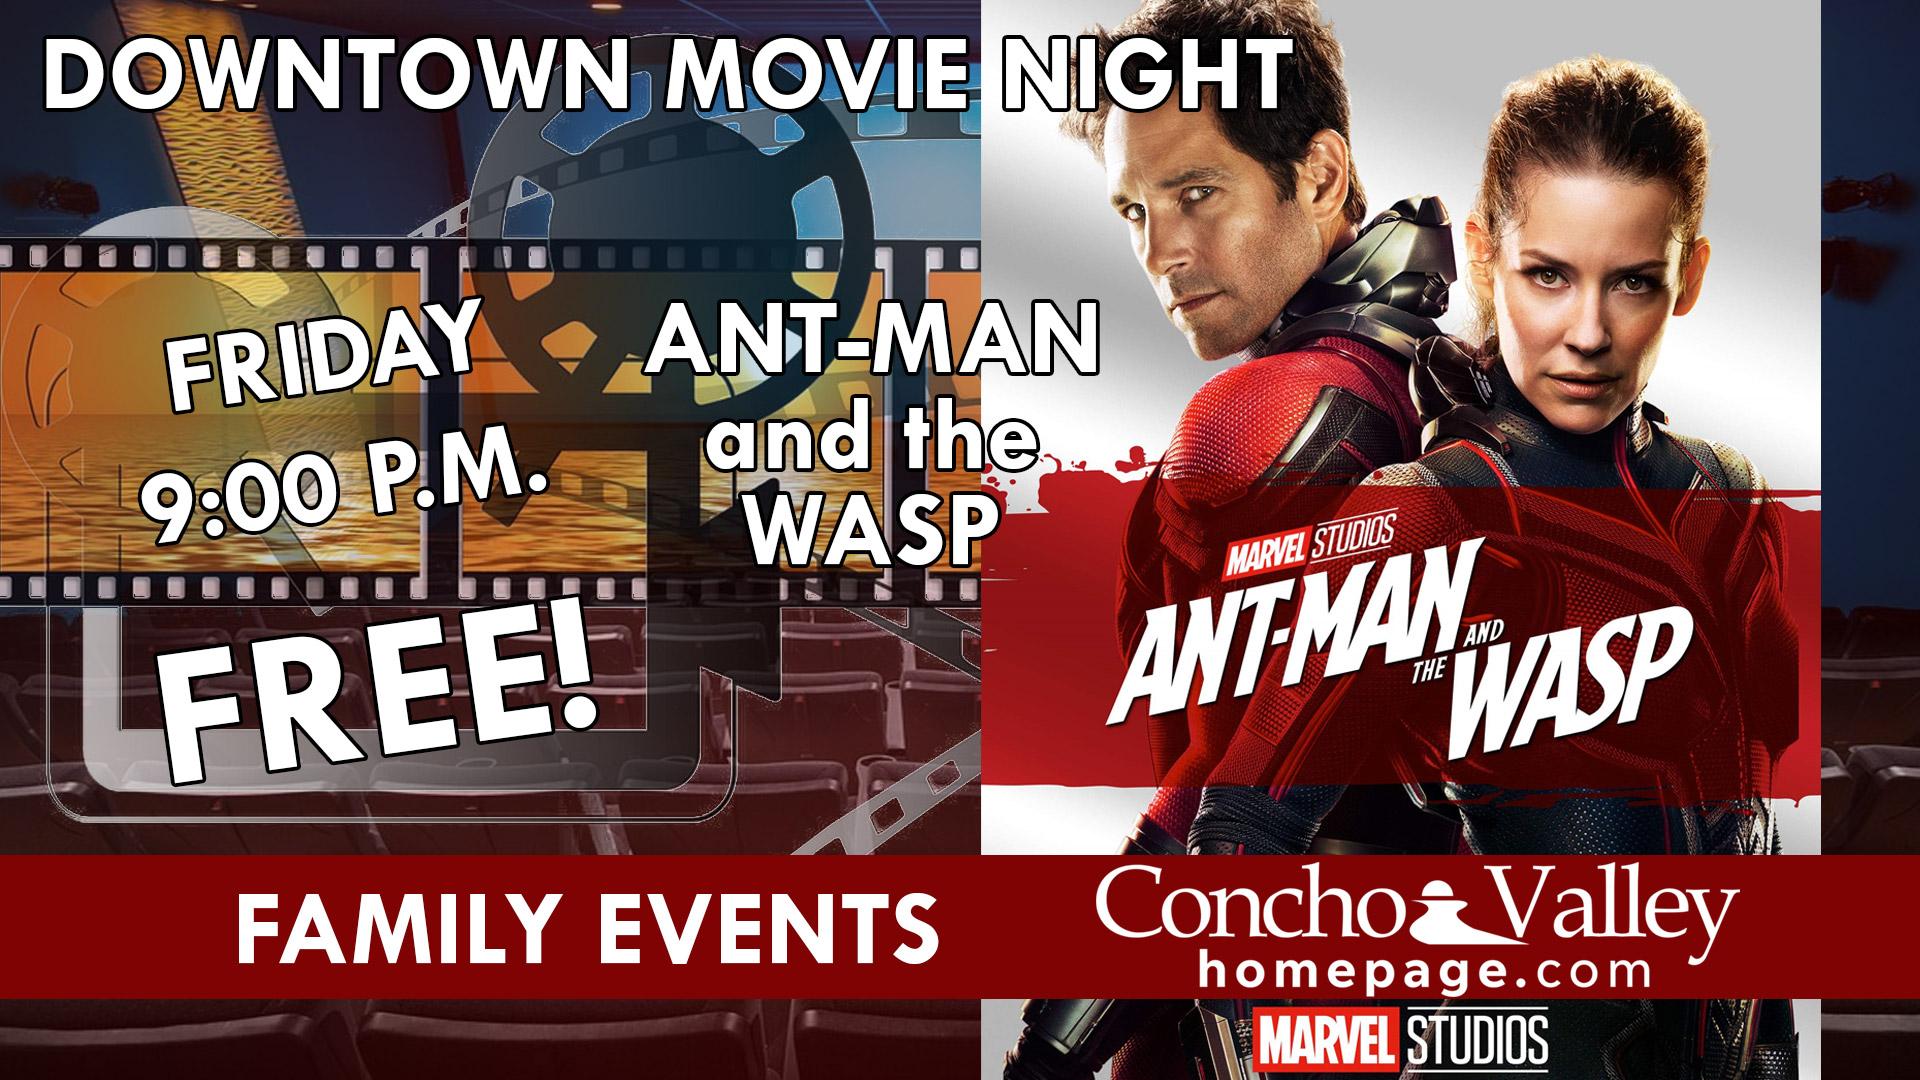 FREE Downtown Movie Night